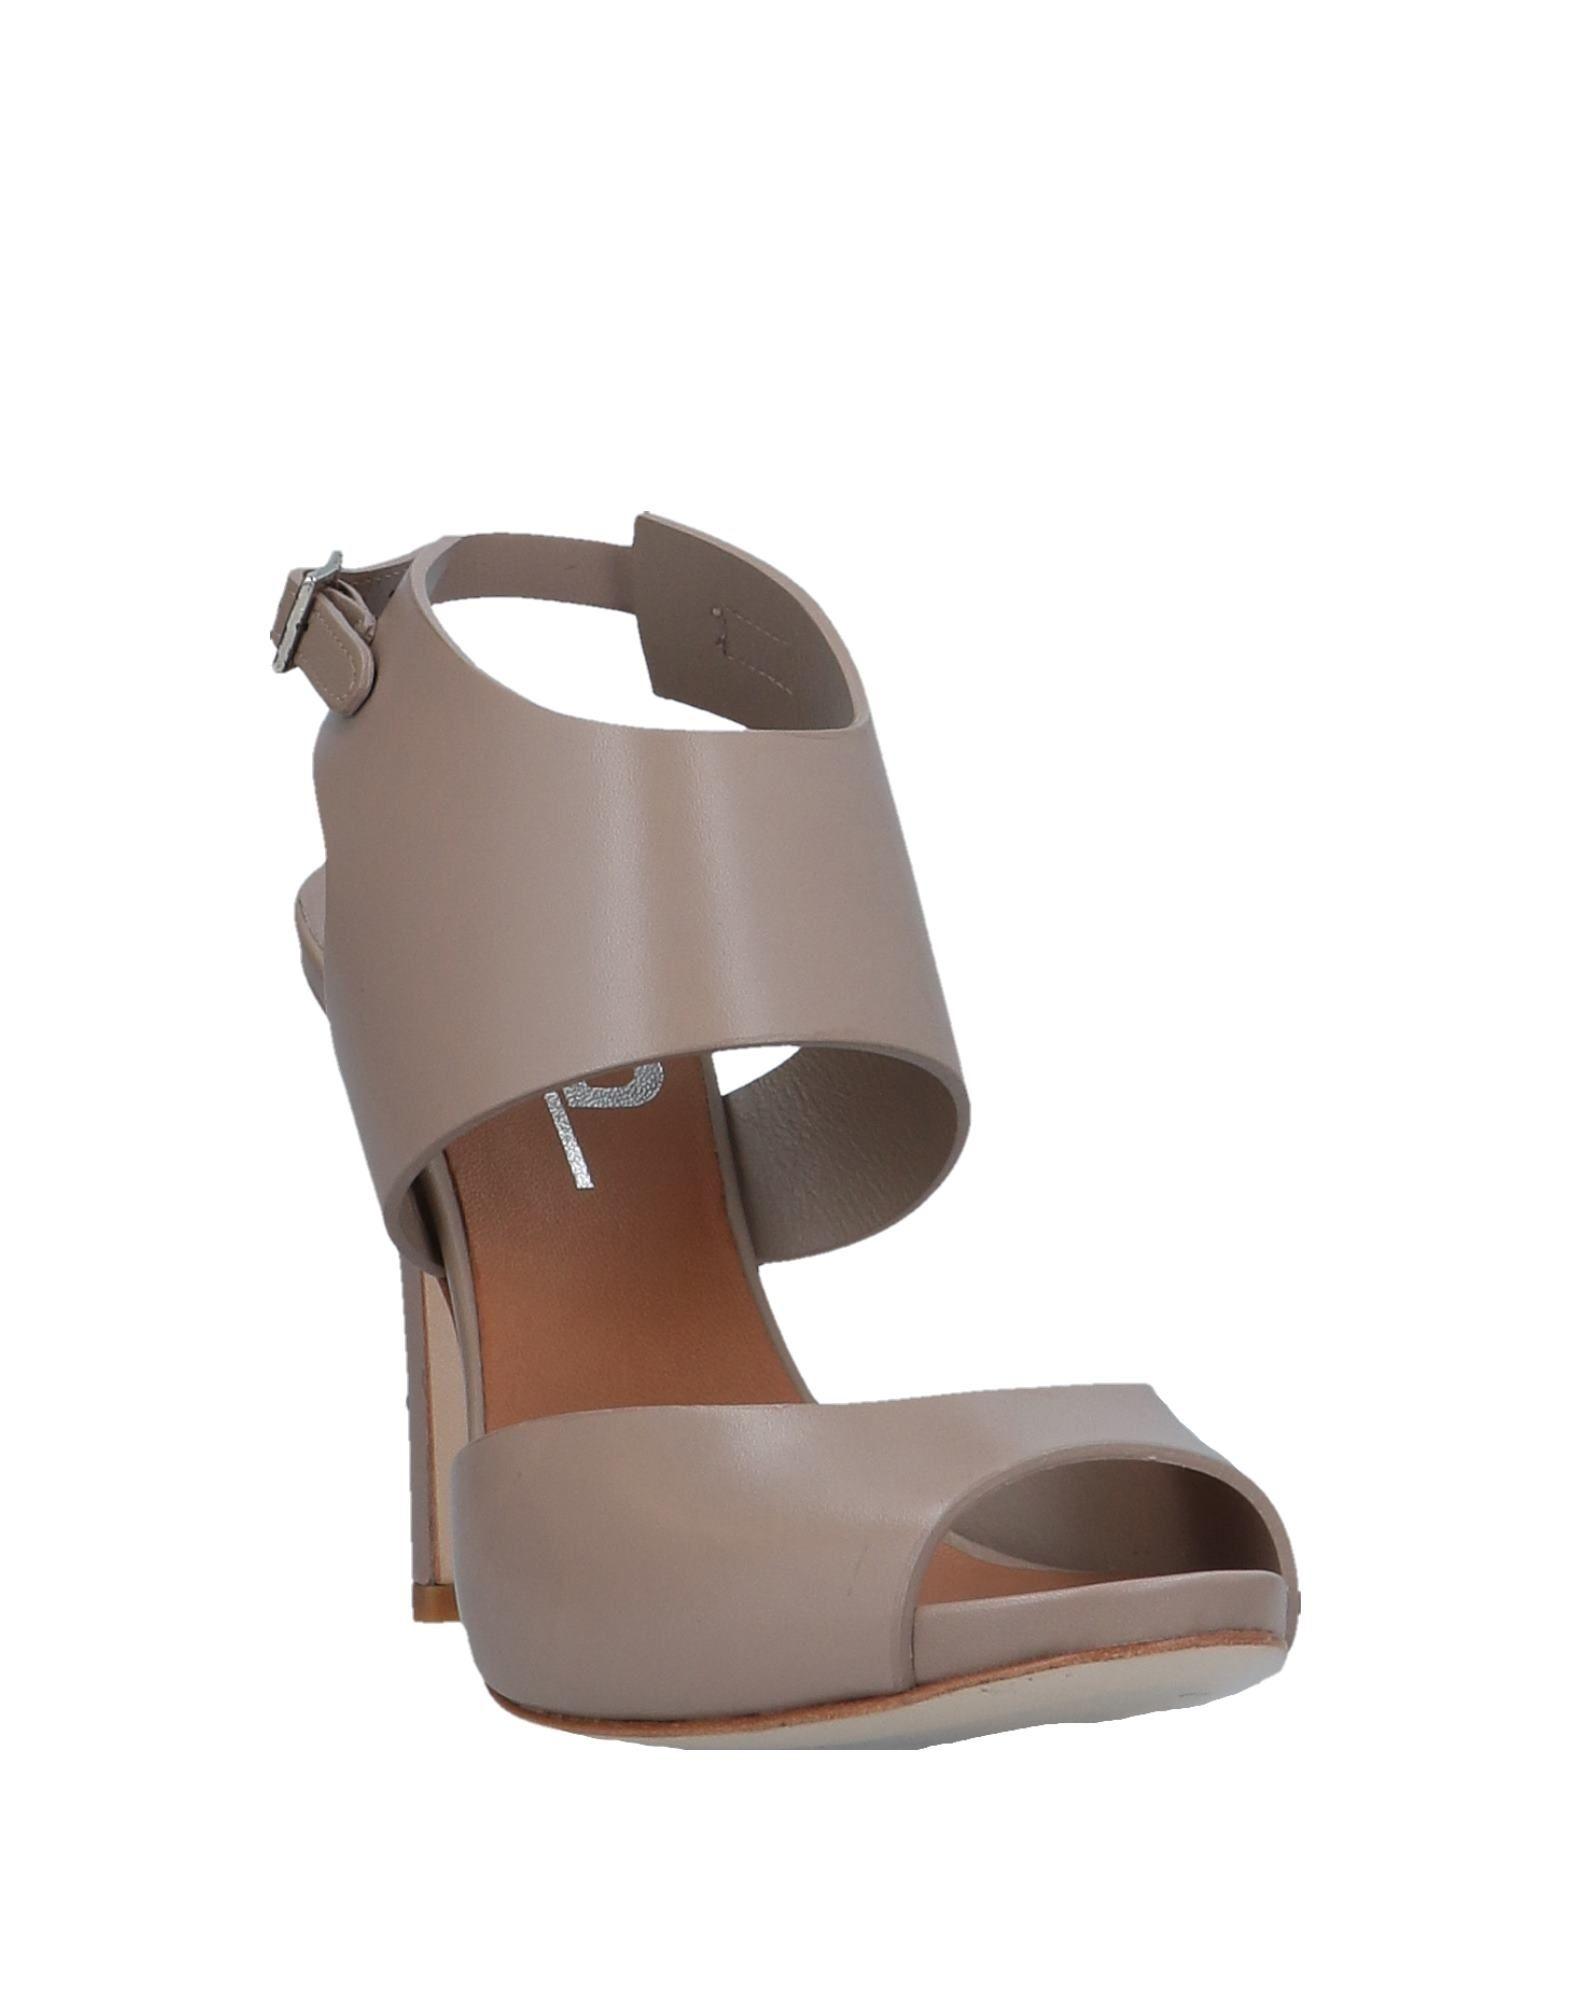 J|D Julie Dee beliebte Sandalen Damen  11544385JU Gute Qualität beliebte Dee Schuhe 157ad1